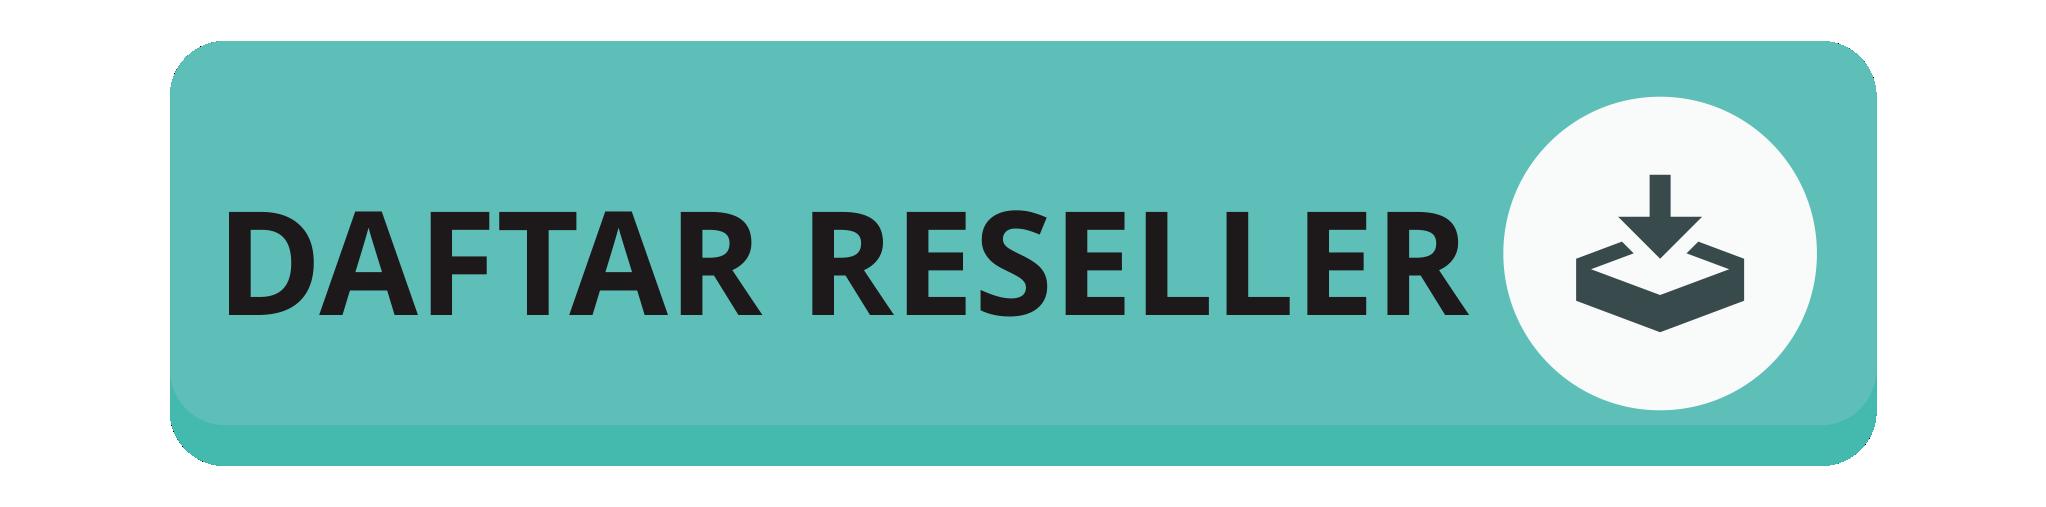 Daftar_Reseller.png